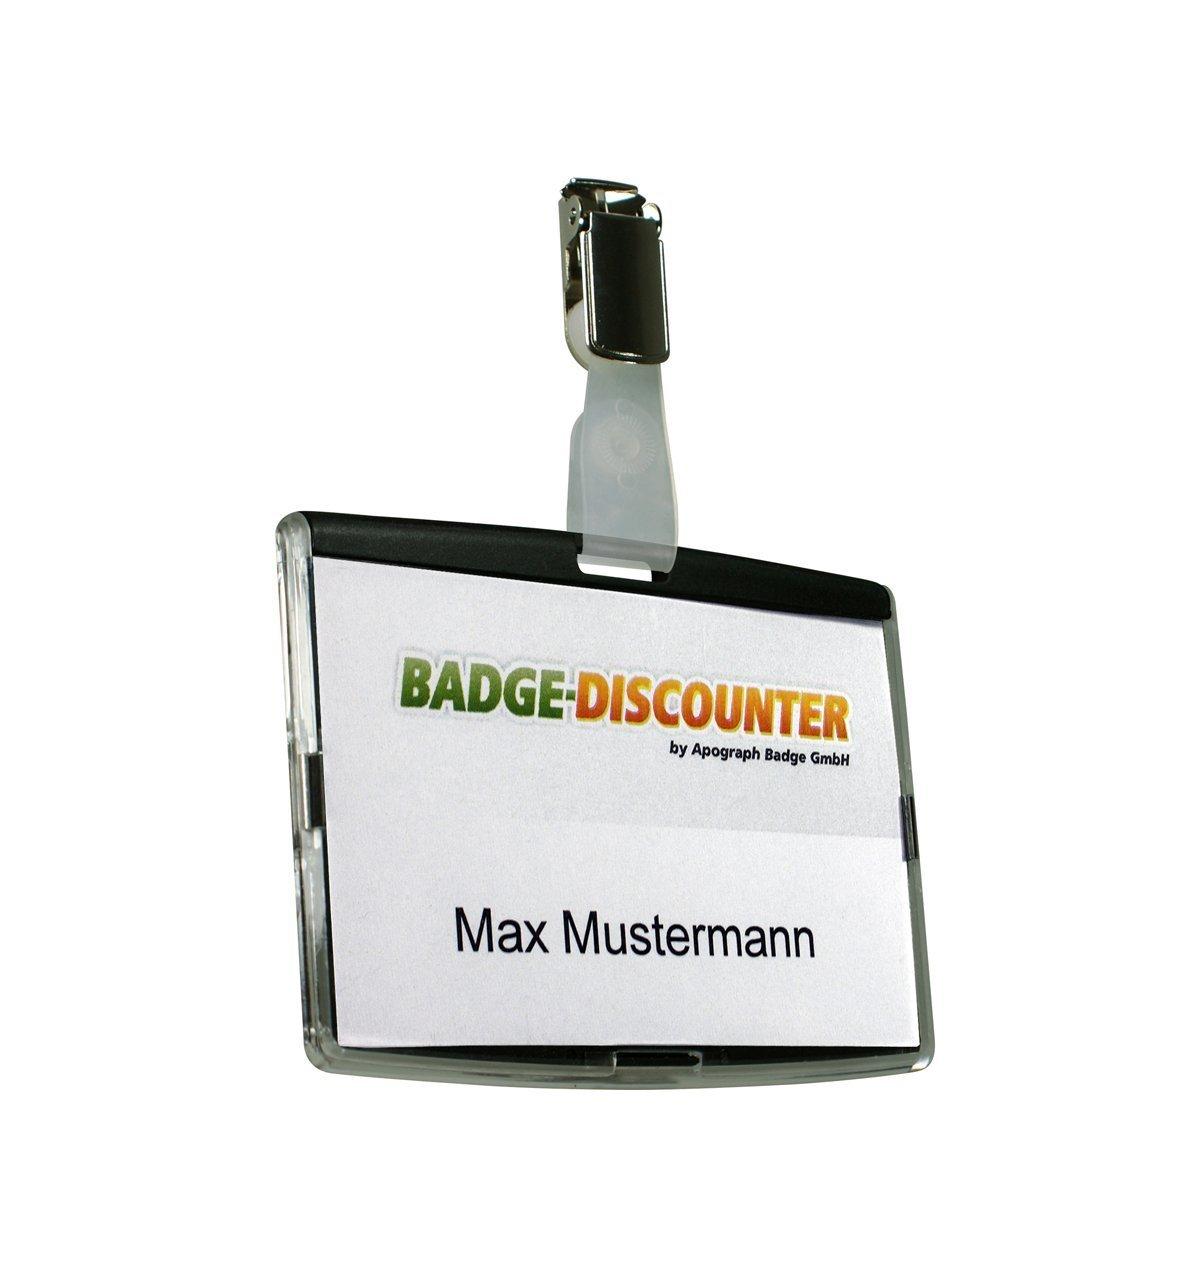 10 porta badge plastica rigida NCSH Blu badge holder orizzontale porta nome di identificazione portabadge rigido portanome chiudibile ottimo per uso aziendale ufficio o per dipendenti